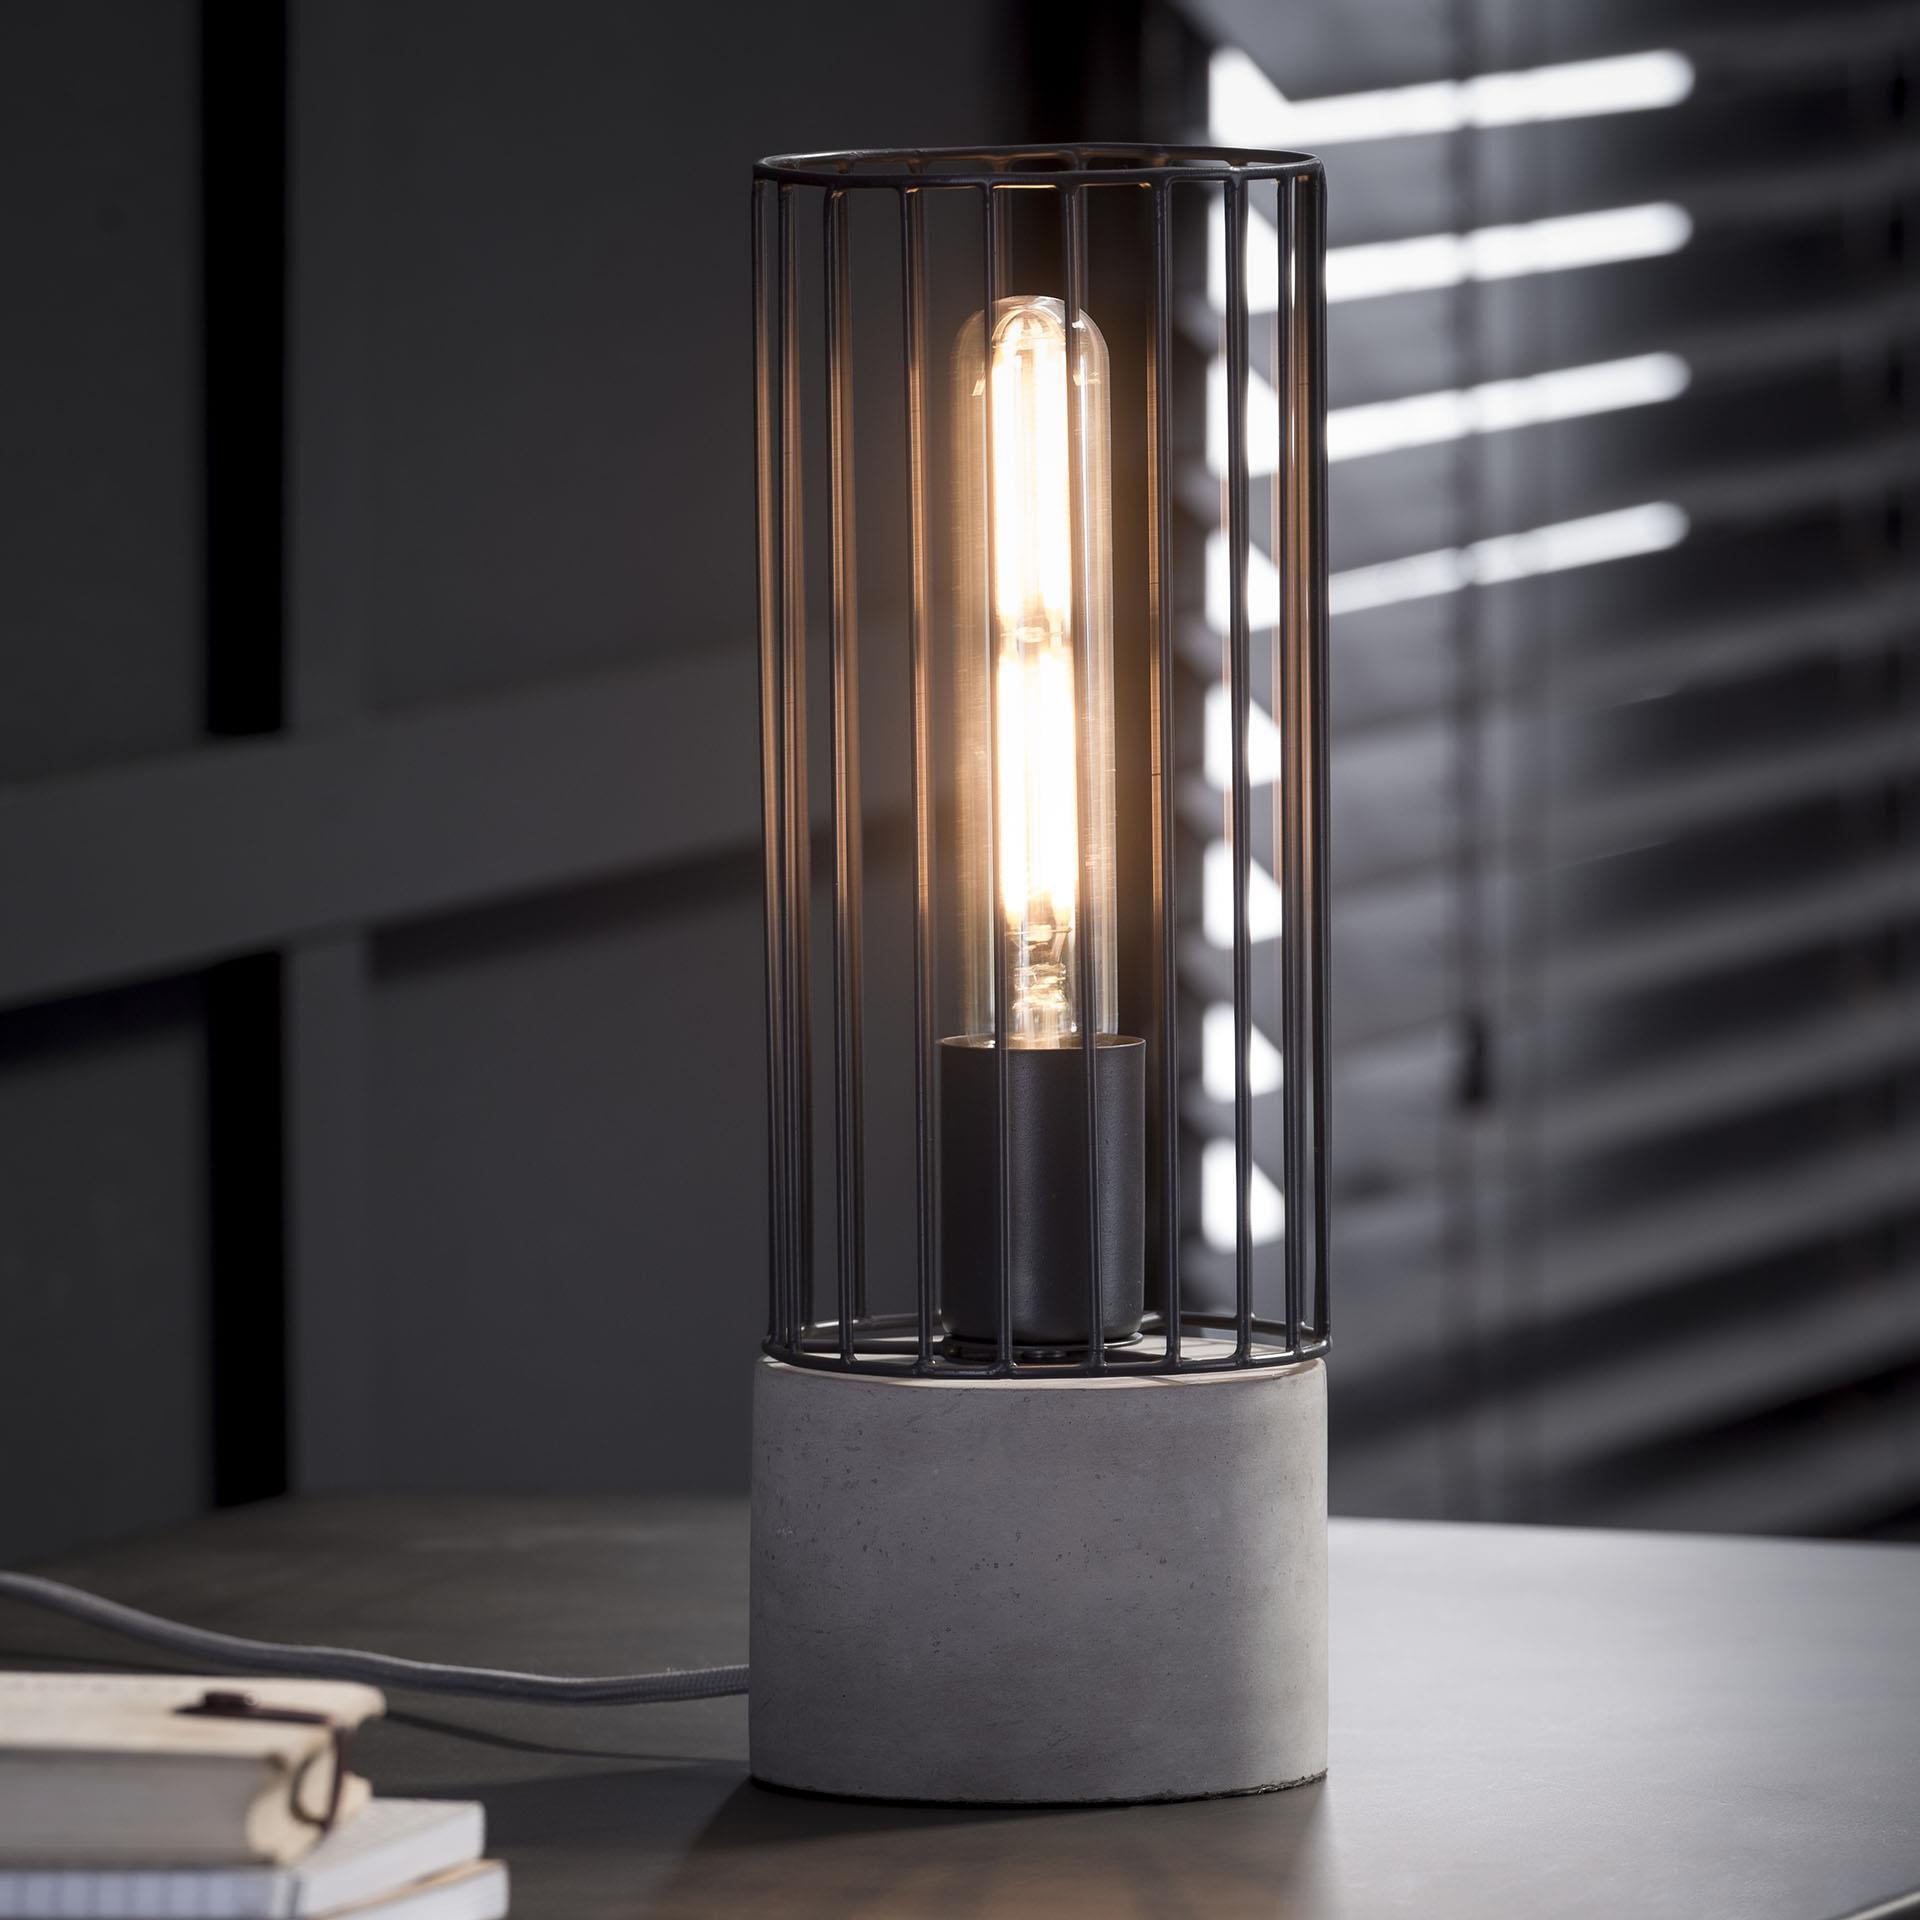 Tafellamp 'Tim' Verlichting   Tafellampen vergelijken doe je het voordeligst hier bij Meubelpartner